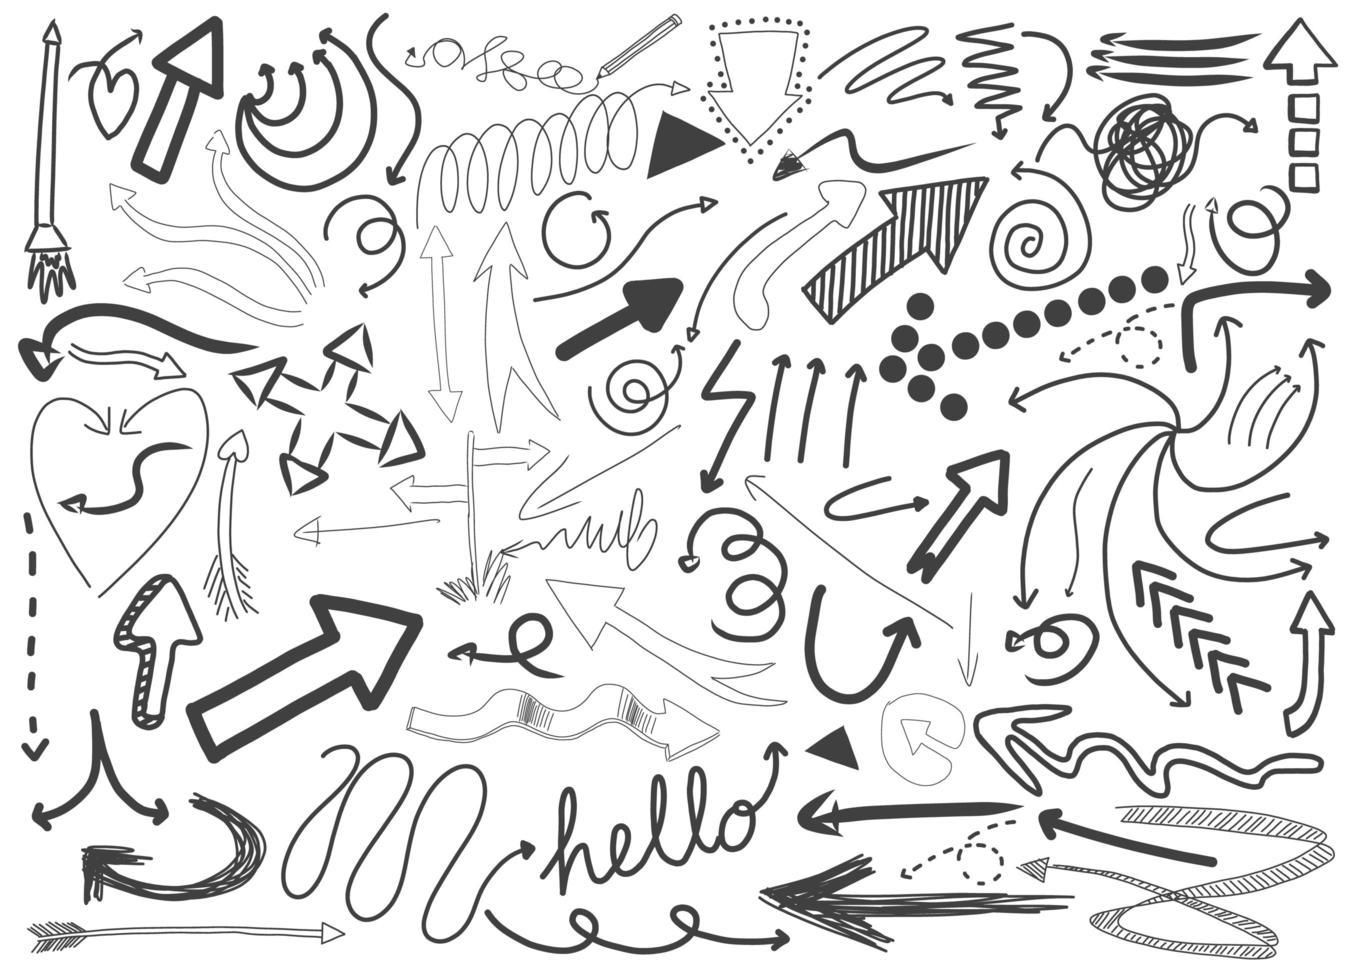 différents traits de doodle isolés sur fond blanc vecteur